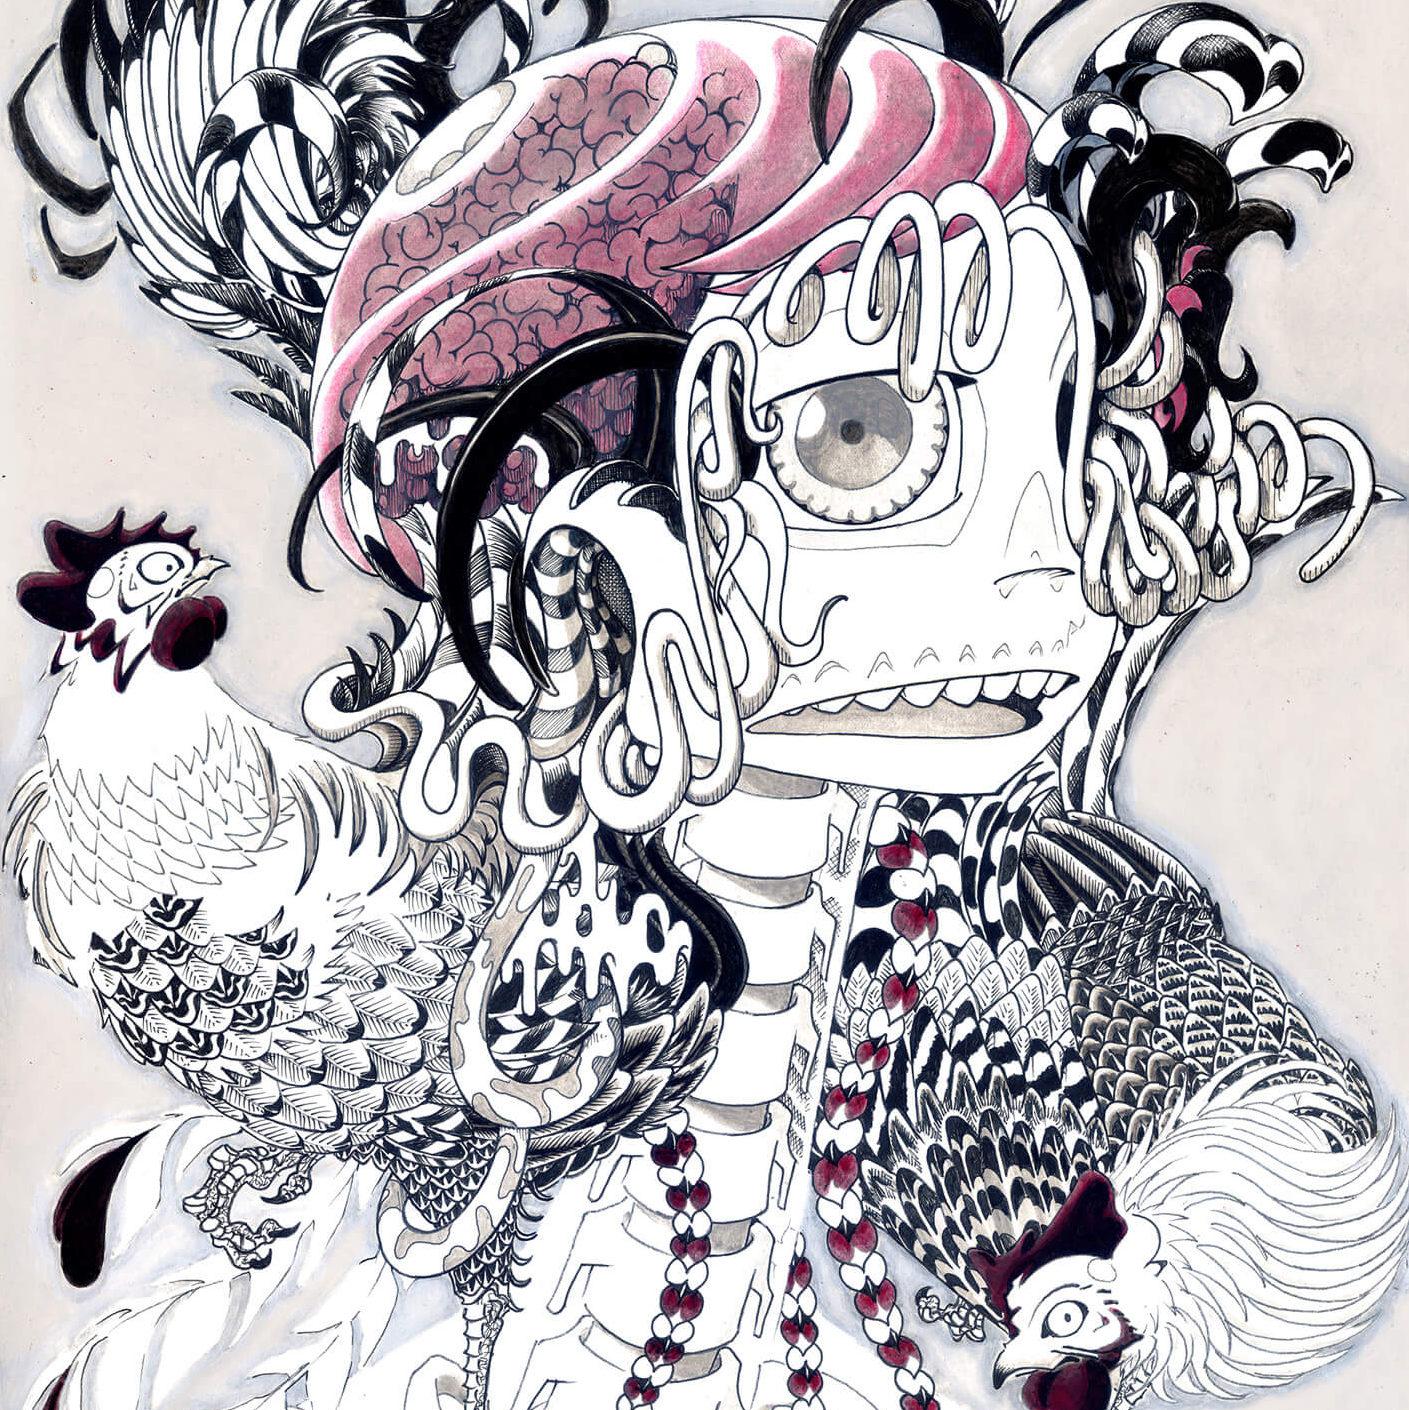 若冲少女 -JAKUCHU Girl- | Ink and Acrylic on paper 420×298 (mm) 2013